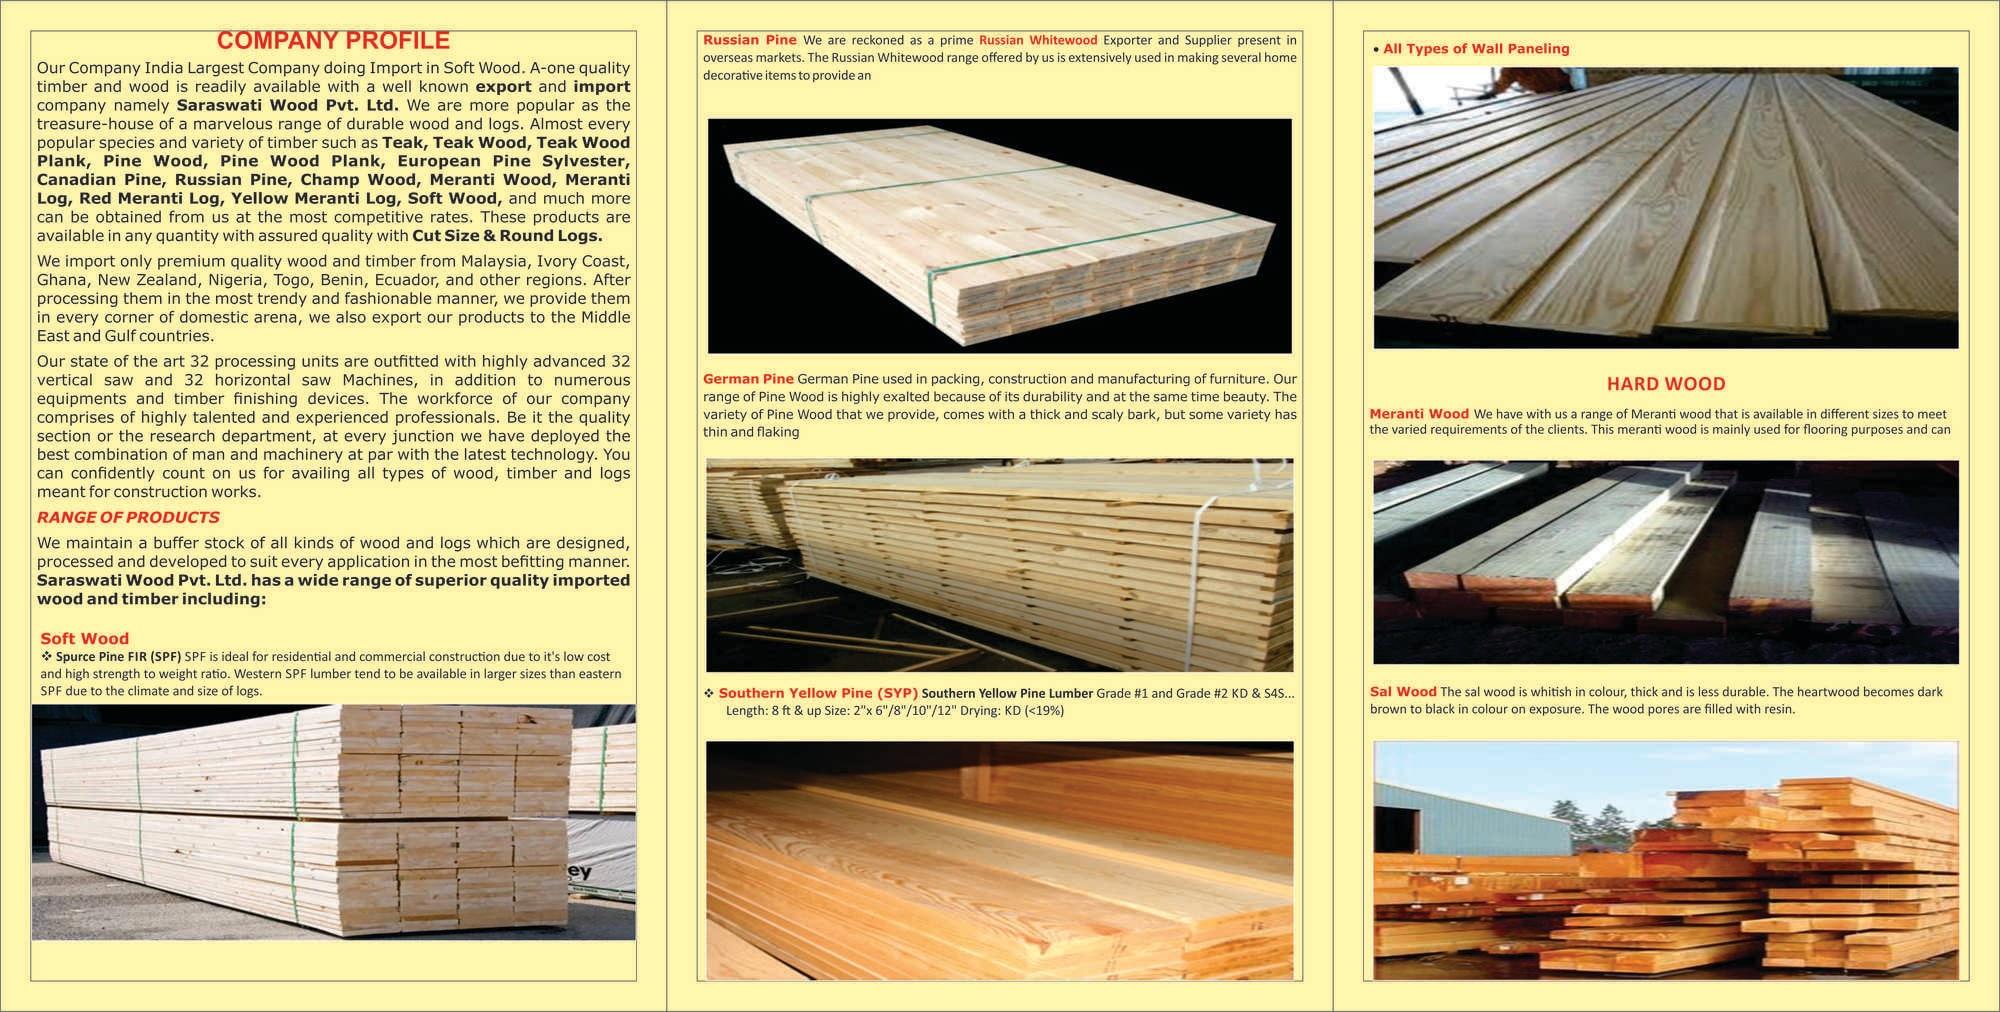 Top 10 Pine Wood Pergola Dealers In Poorvi Pitampura Best Pinewood